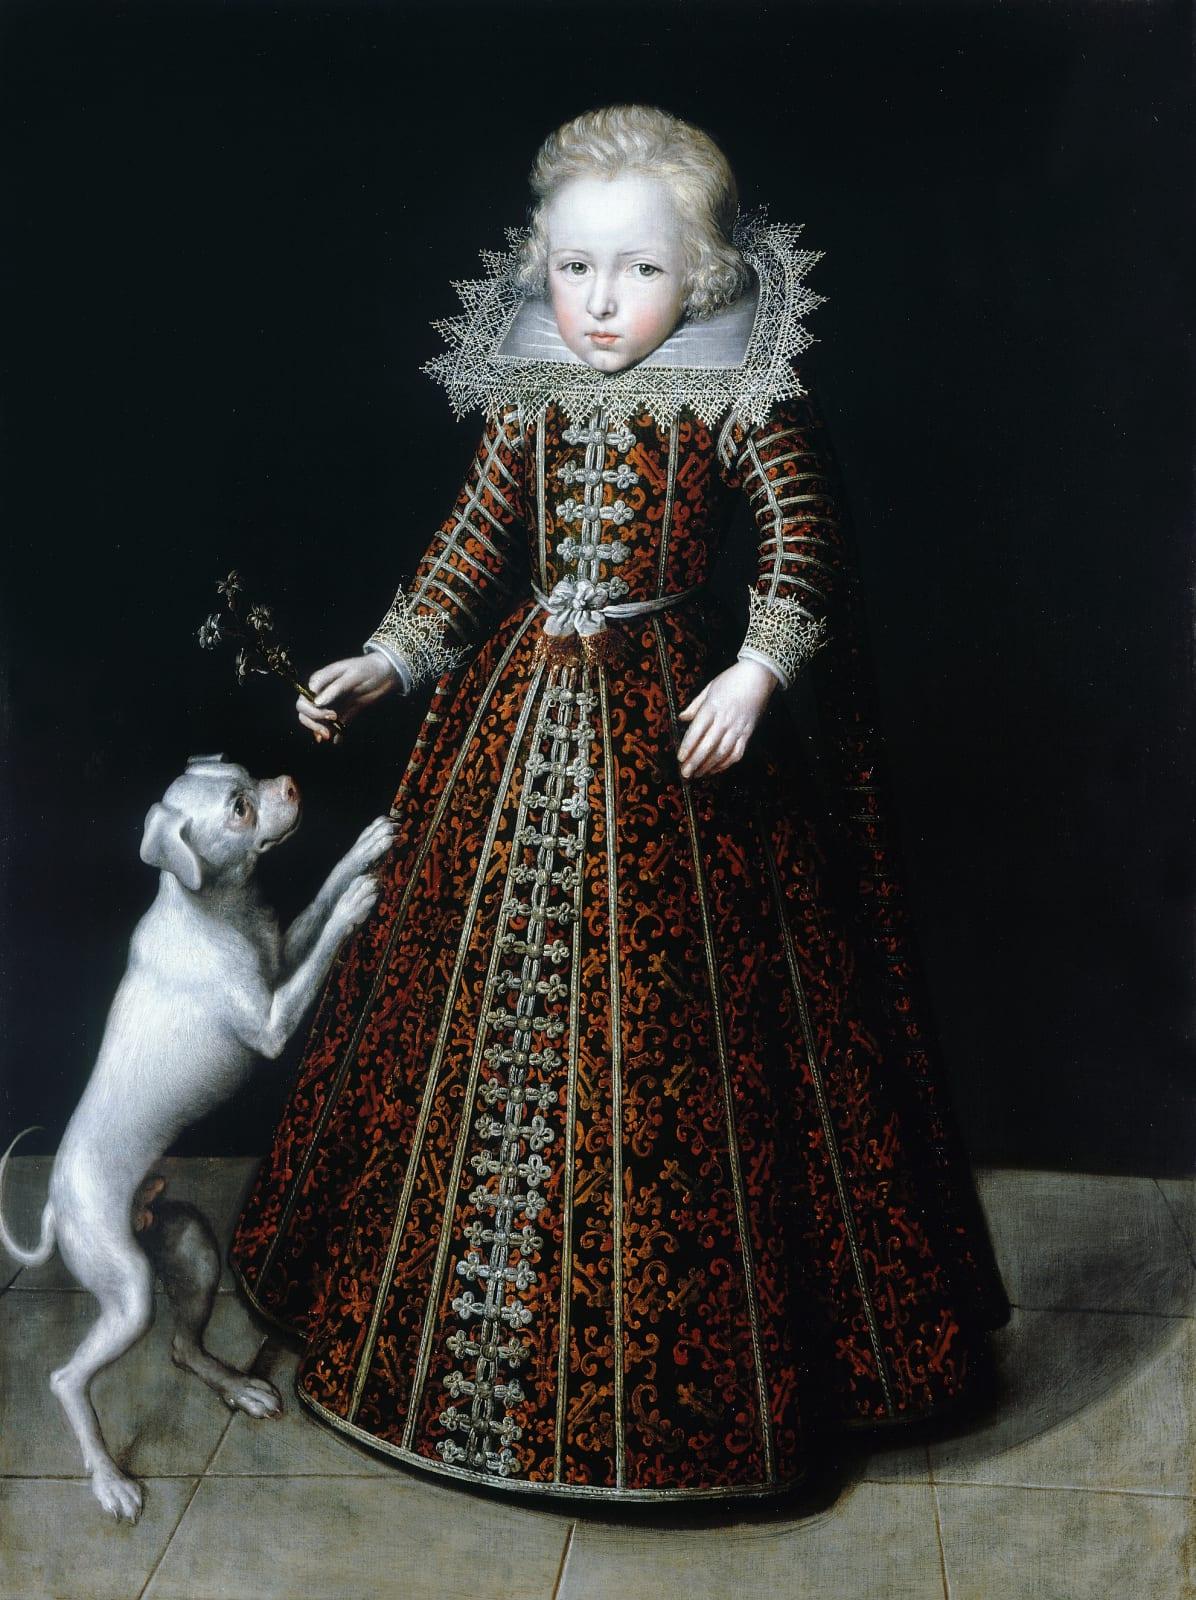 Duke Ulrik, Prince of Denmark (1611 - 1633)